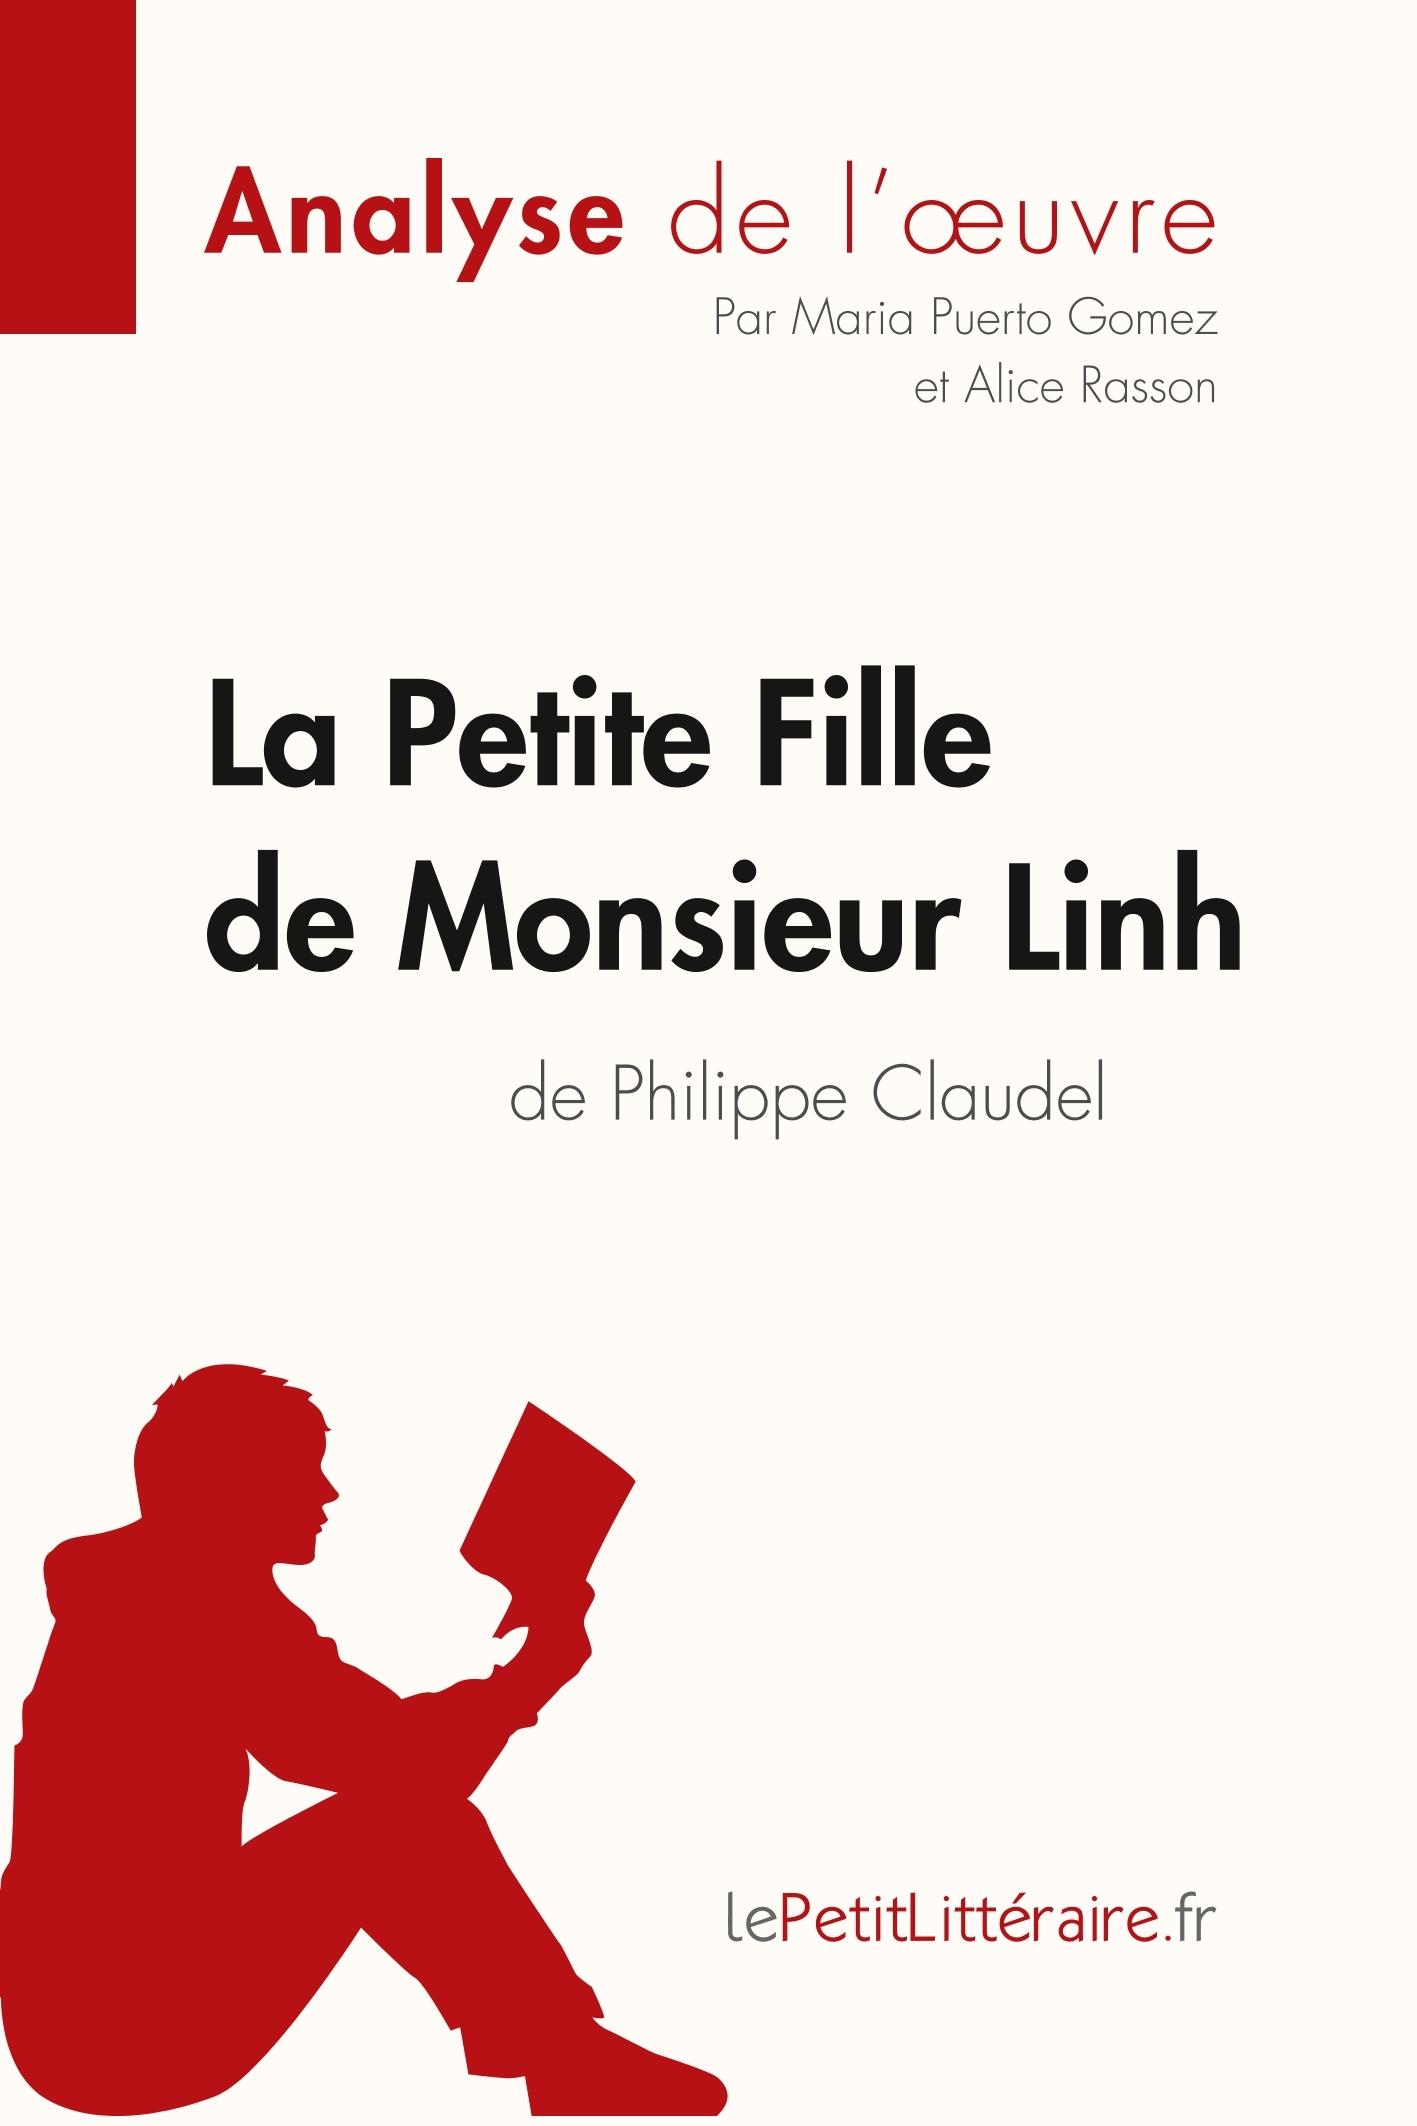 ANALYSE LA PETITE FILLE DE MONSIEUR LINH DE PHILIPPE CLAUDEL ANALYSE COMPLETE D